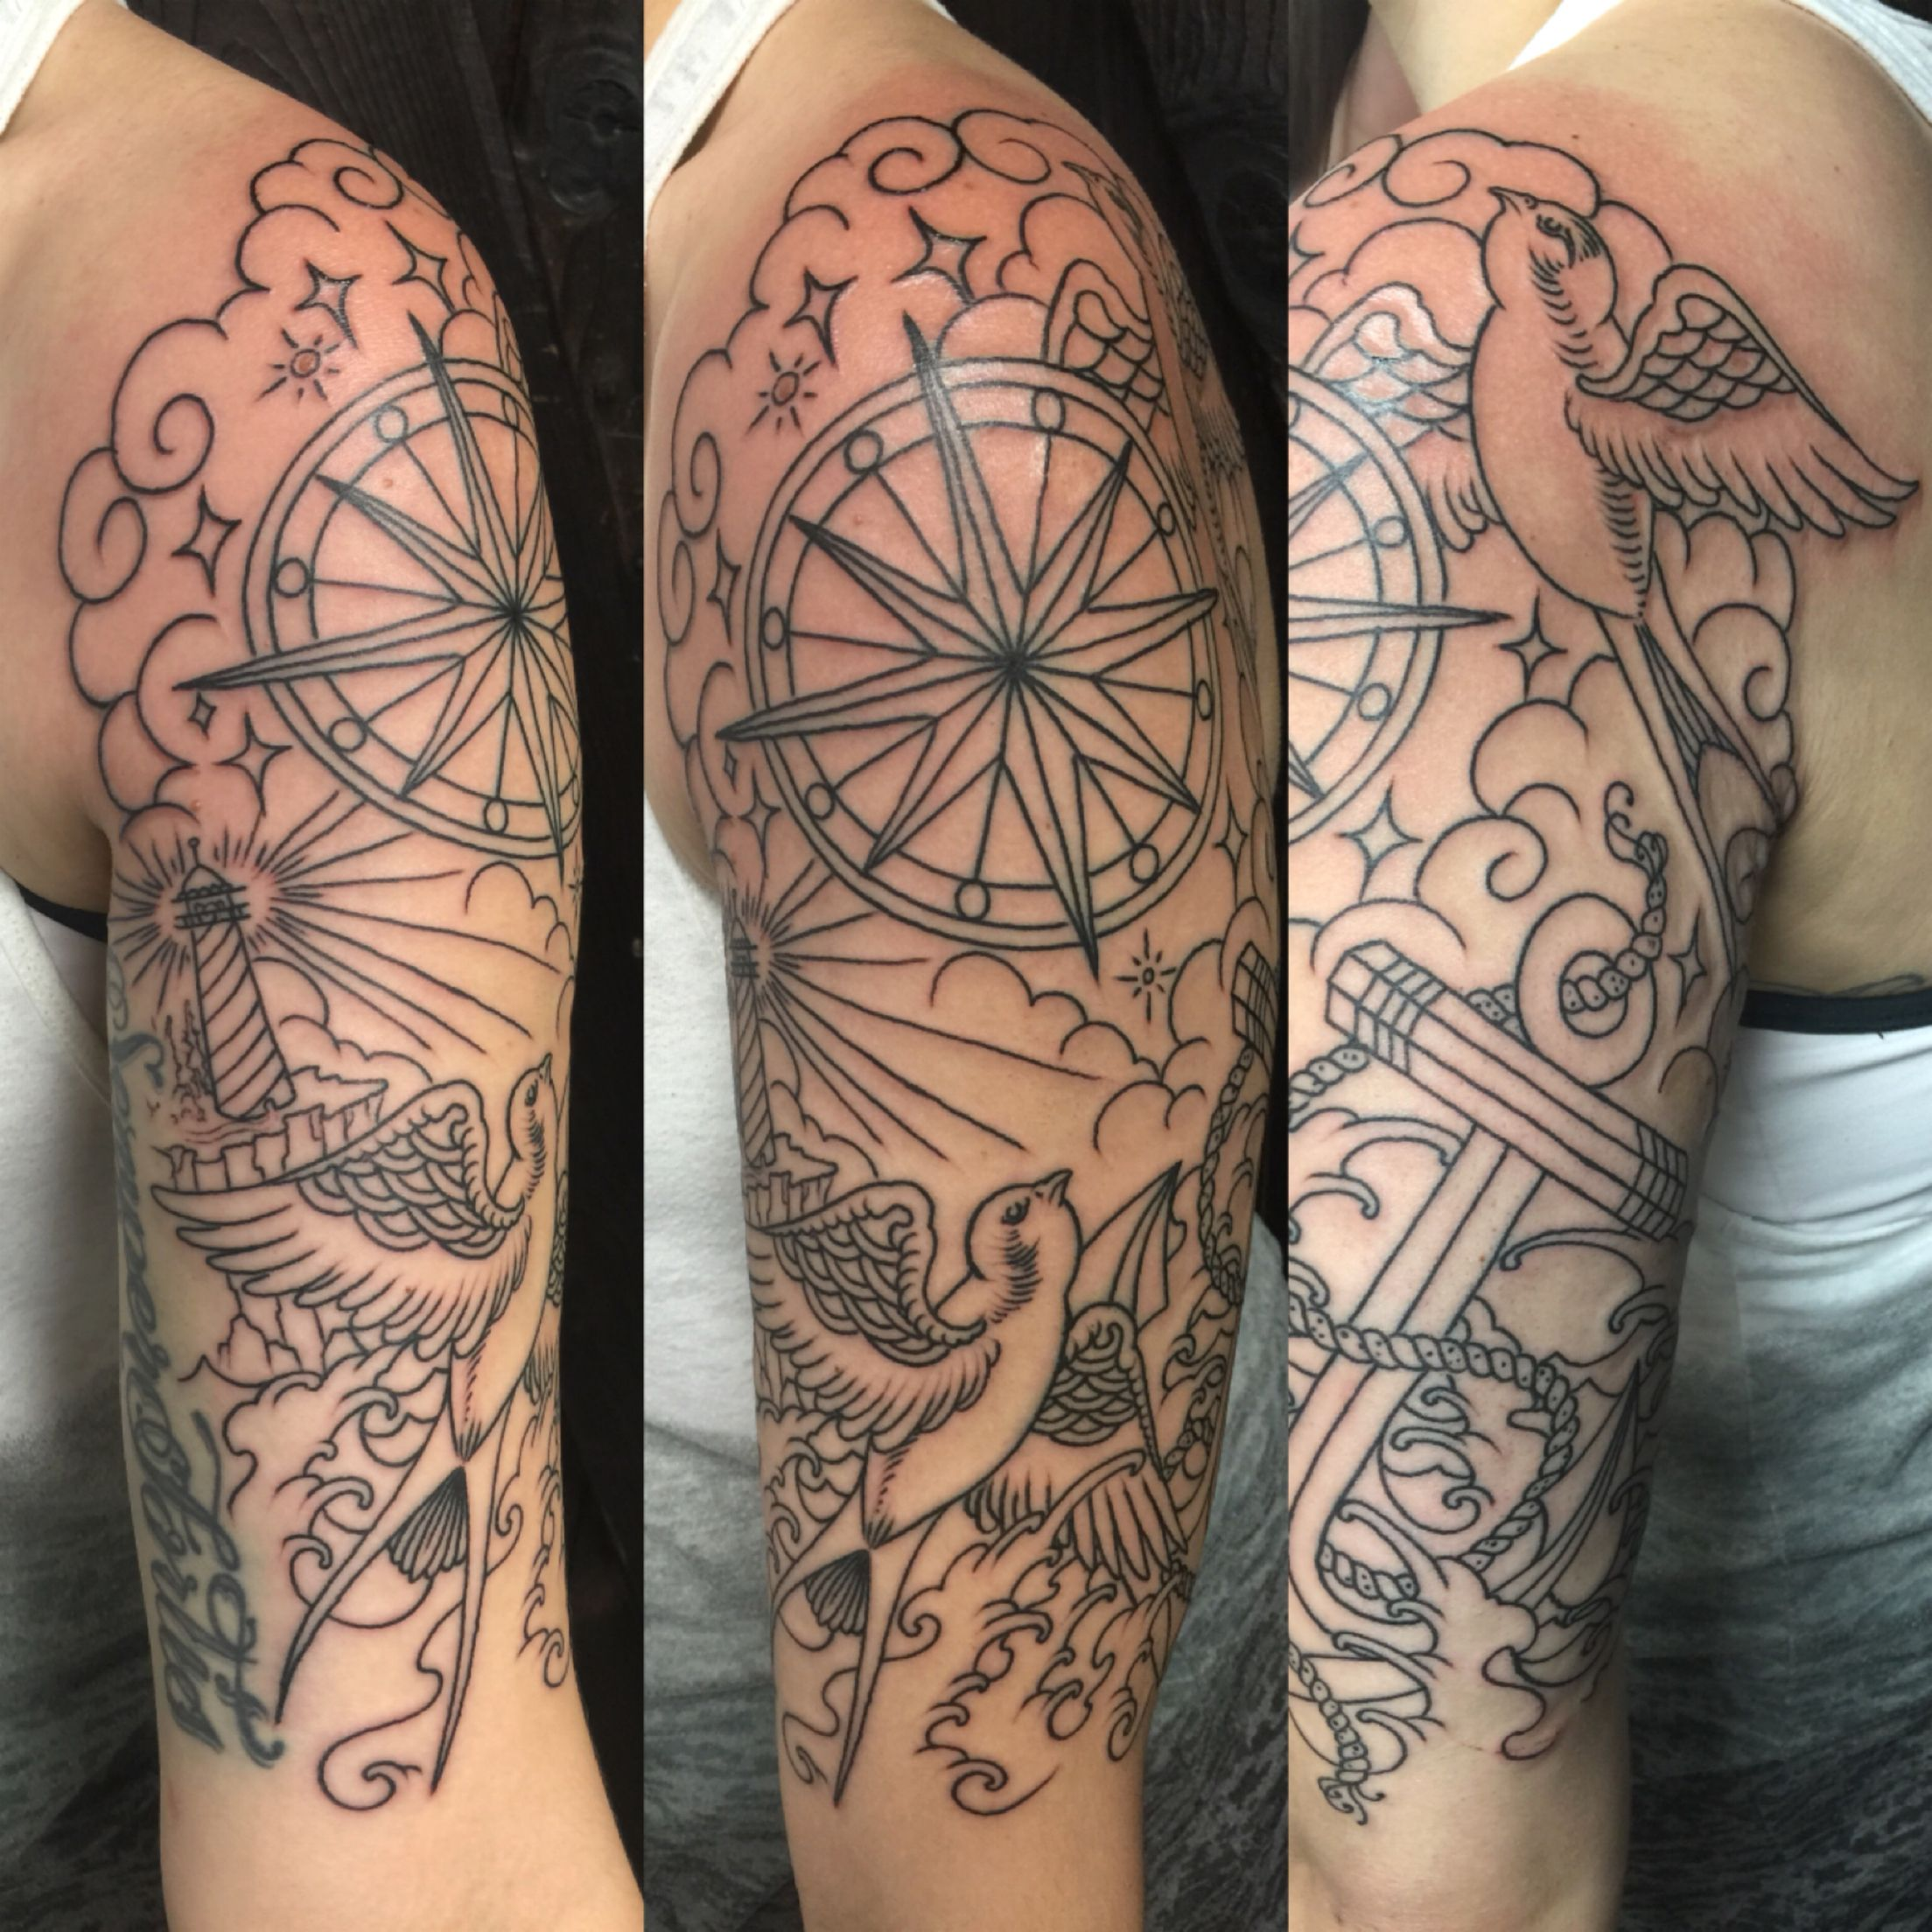 Nautical Half Sleeve Tattoo Ideas